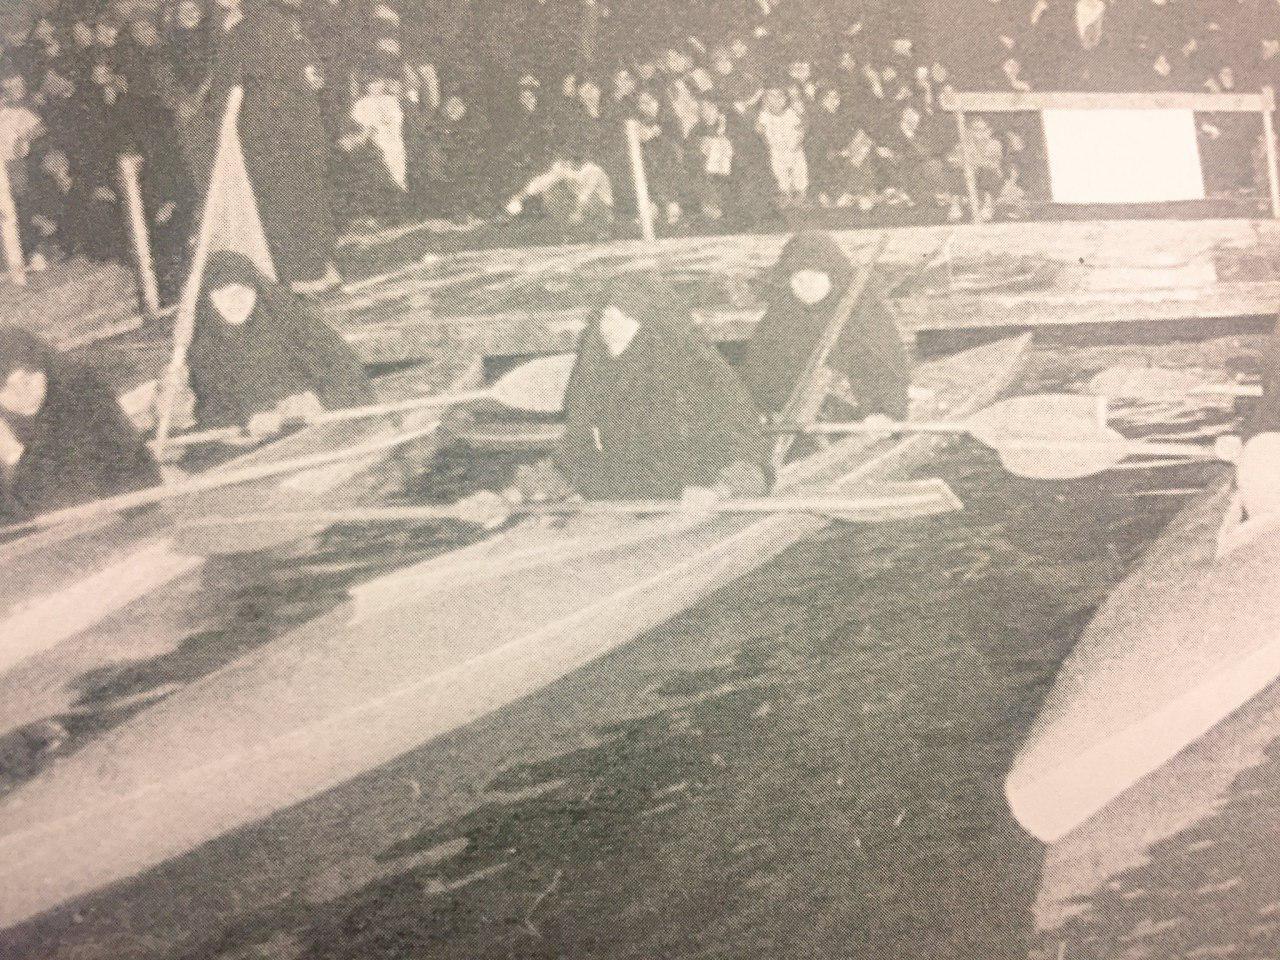 تیم قایقرانی زنان در سال ۱۳۶۱ + عکس